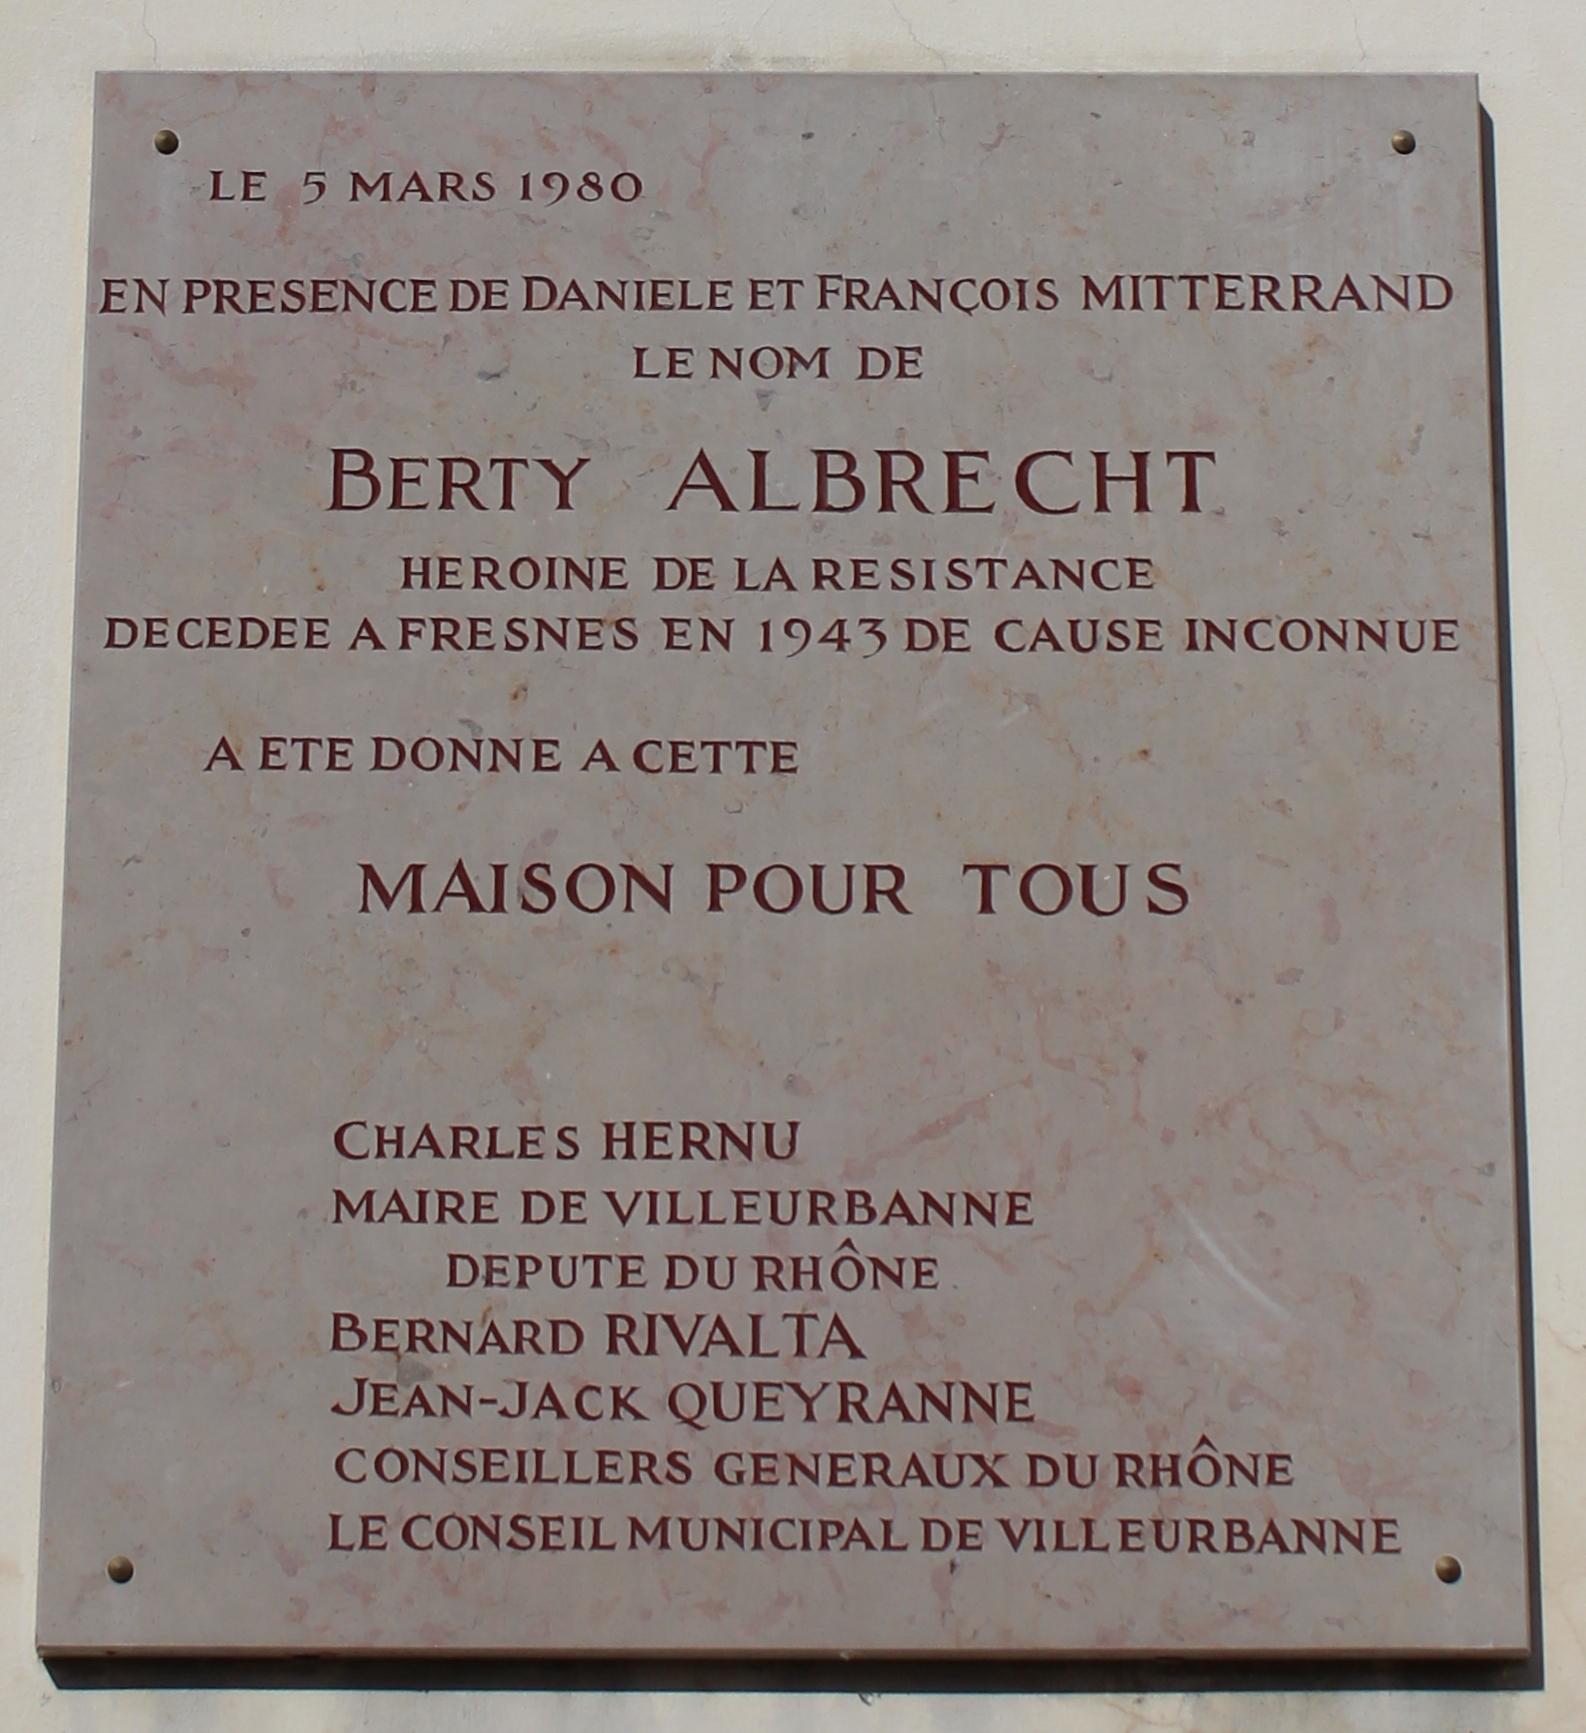 File:Villeurbanne   Plaque Maison Berty Albrecht.JPG